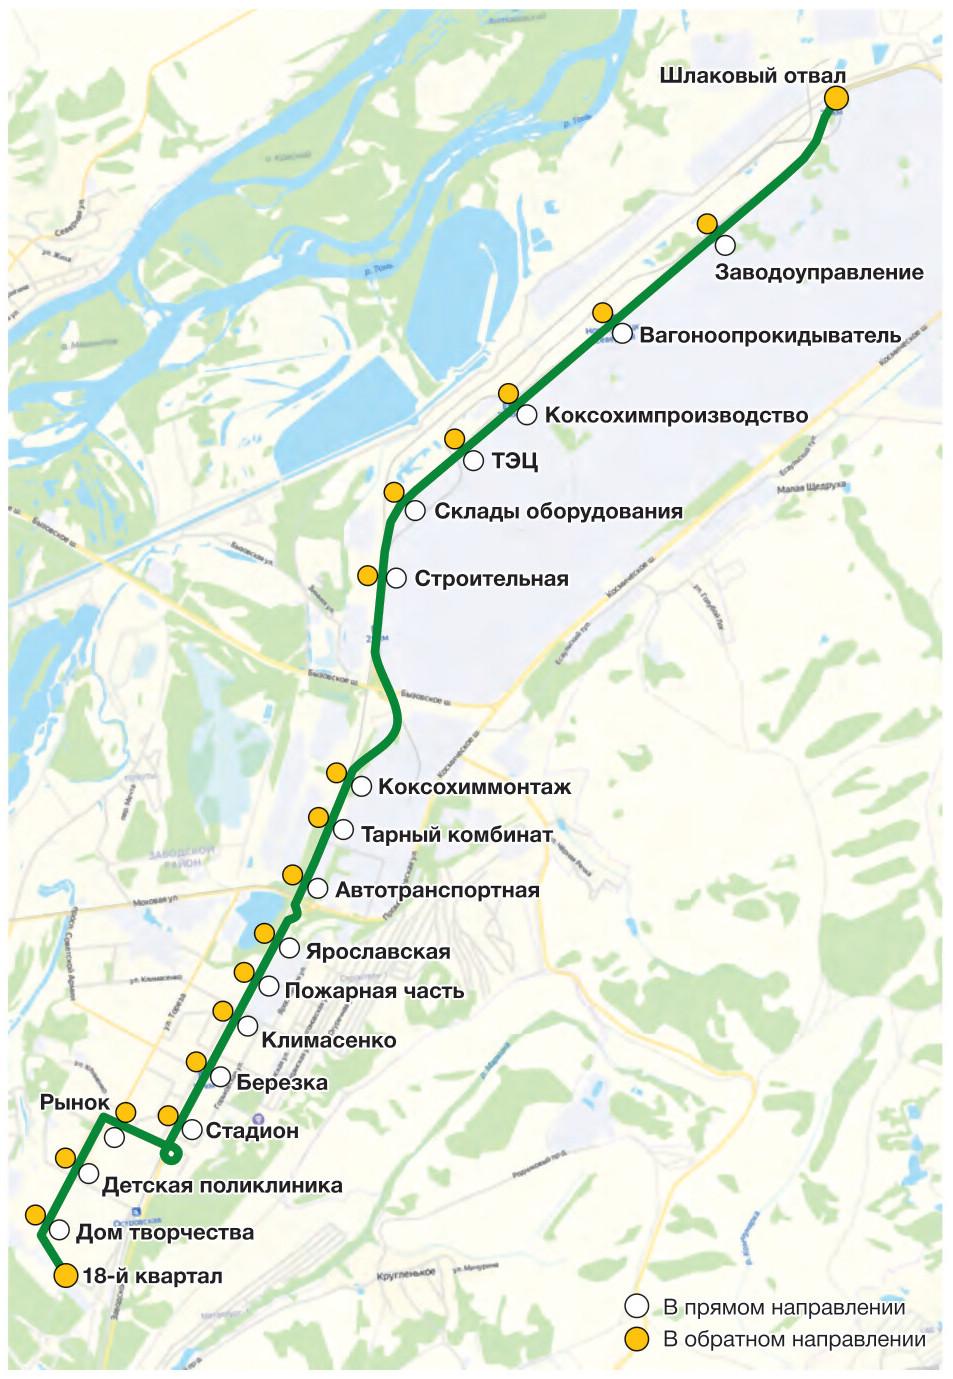 Автобус №18 18-ЫЙ КВАРТАЛ - ШЛАКОВЫЙ ОТВАЛ | Расписание и маршрут движения